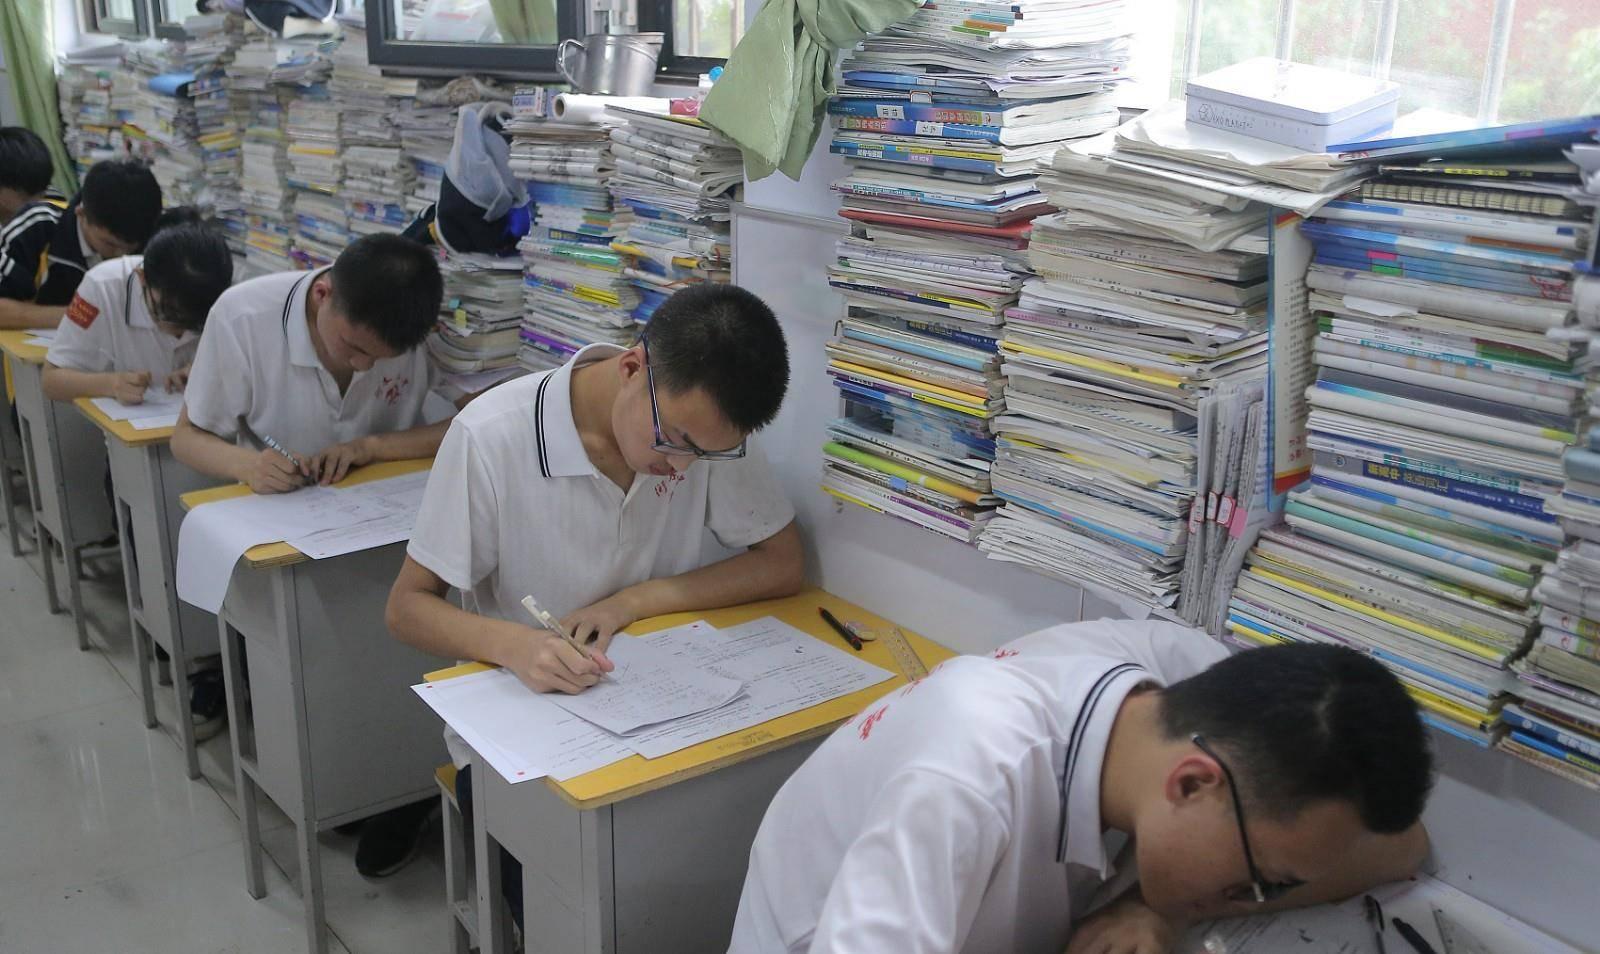 苟晶:班上的第一名,能上北大的成绩,结果去了山东曲阜师范学院